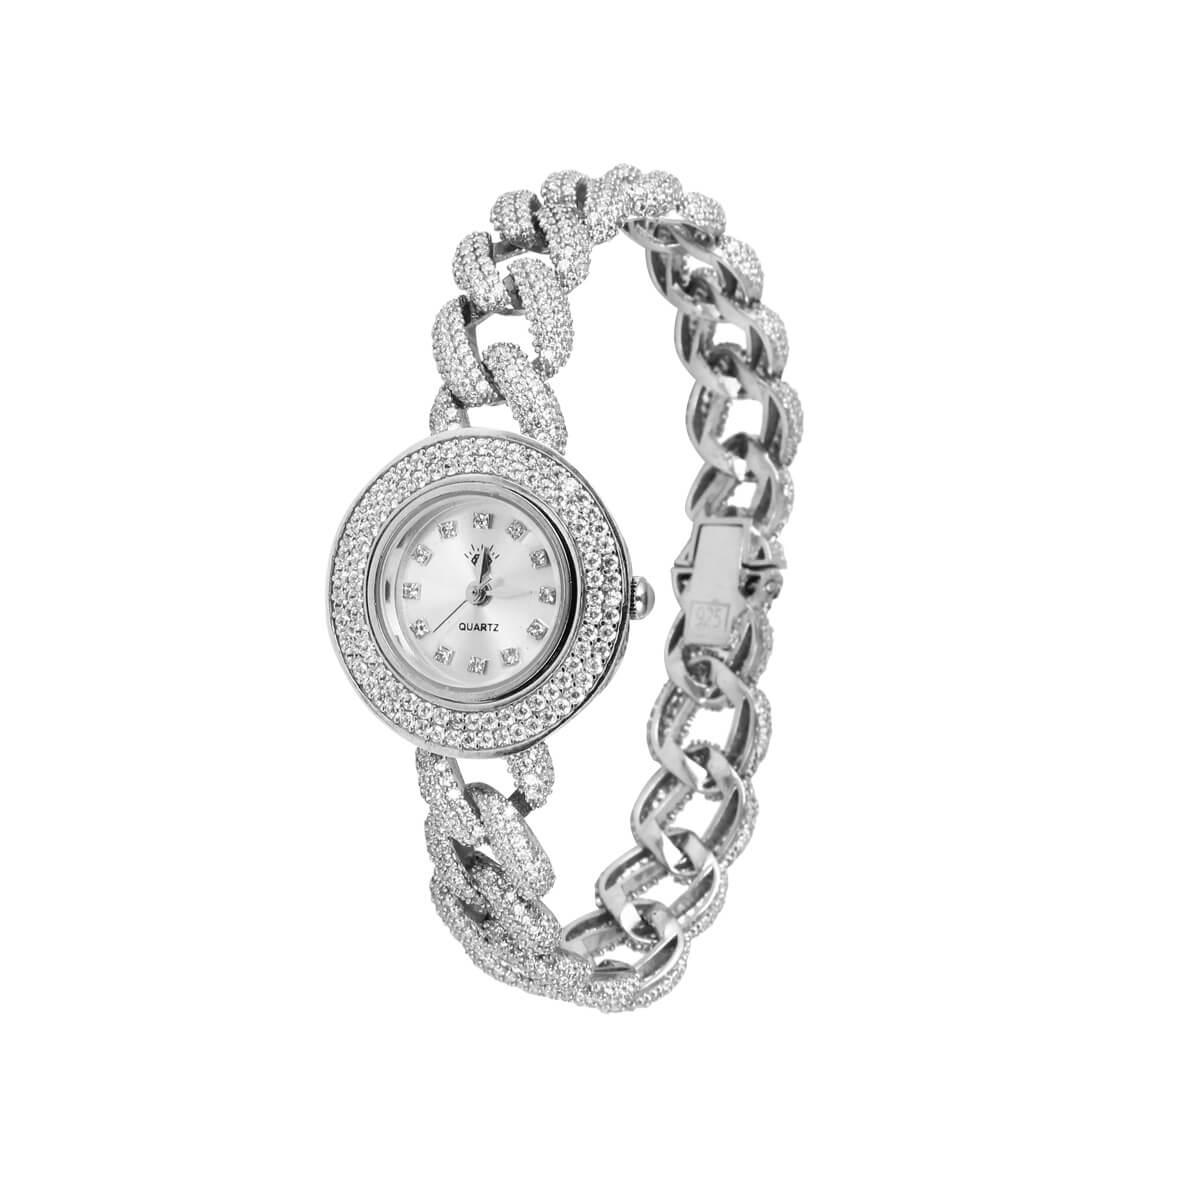 خرید ساعت مچی نقره زنانه نگین دار مدل کارتیه